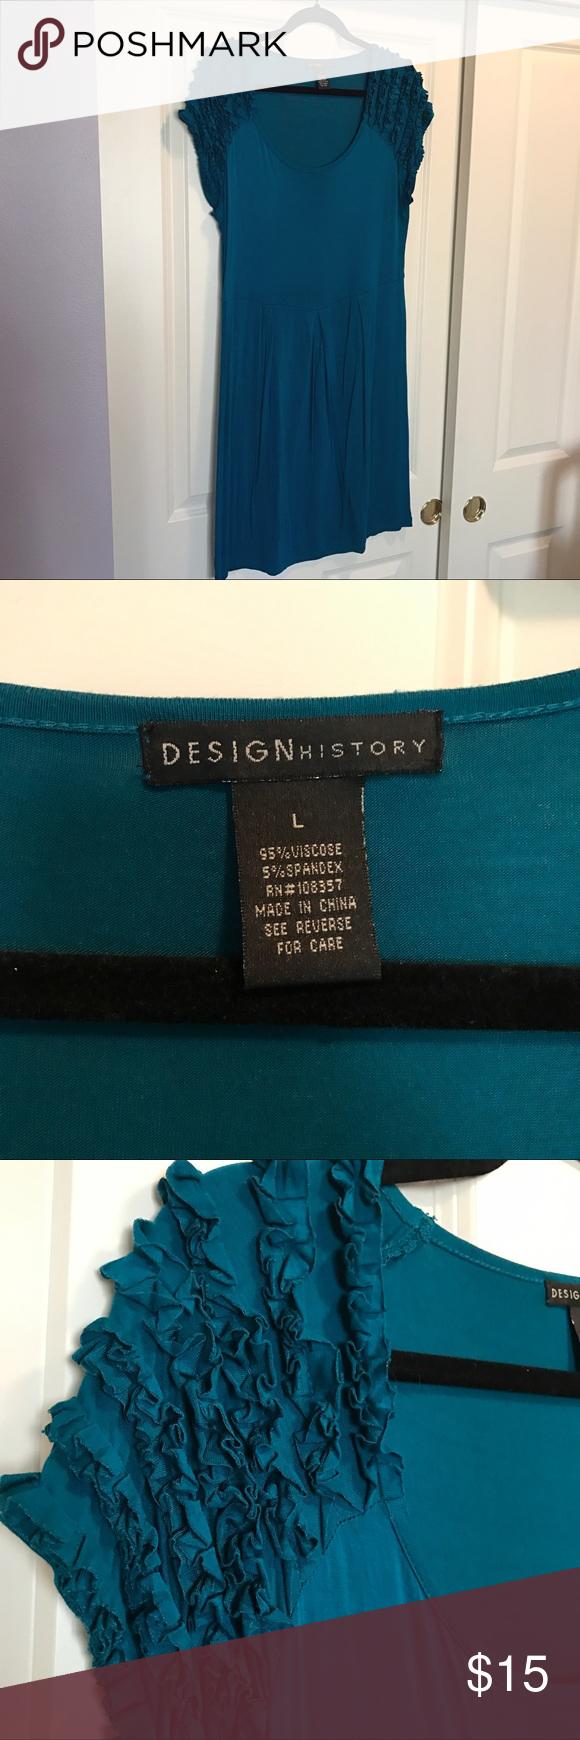 Shirt design history - Design Dark Teal Shirt Sleeve Ruffle Dress